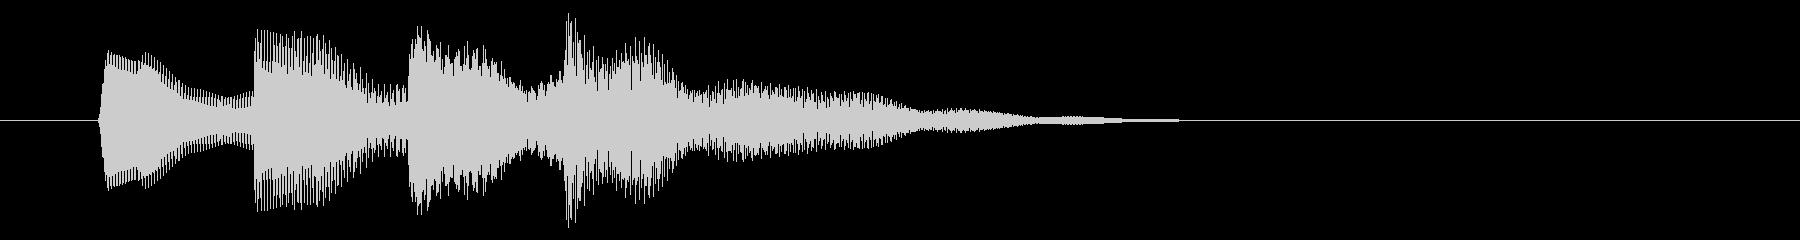 ニュース アラート03-1の未再生の波形